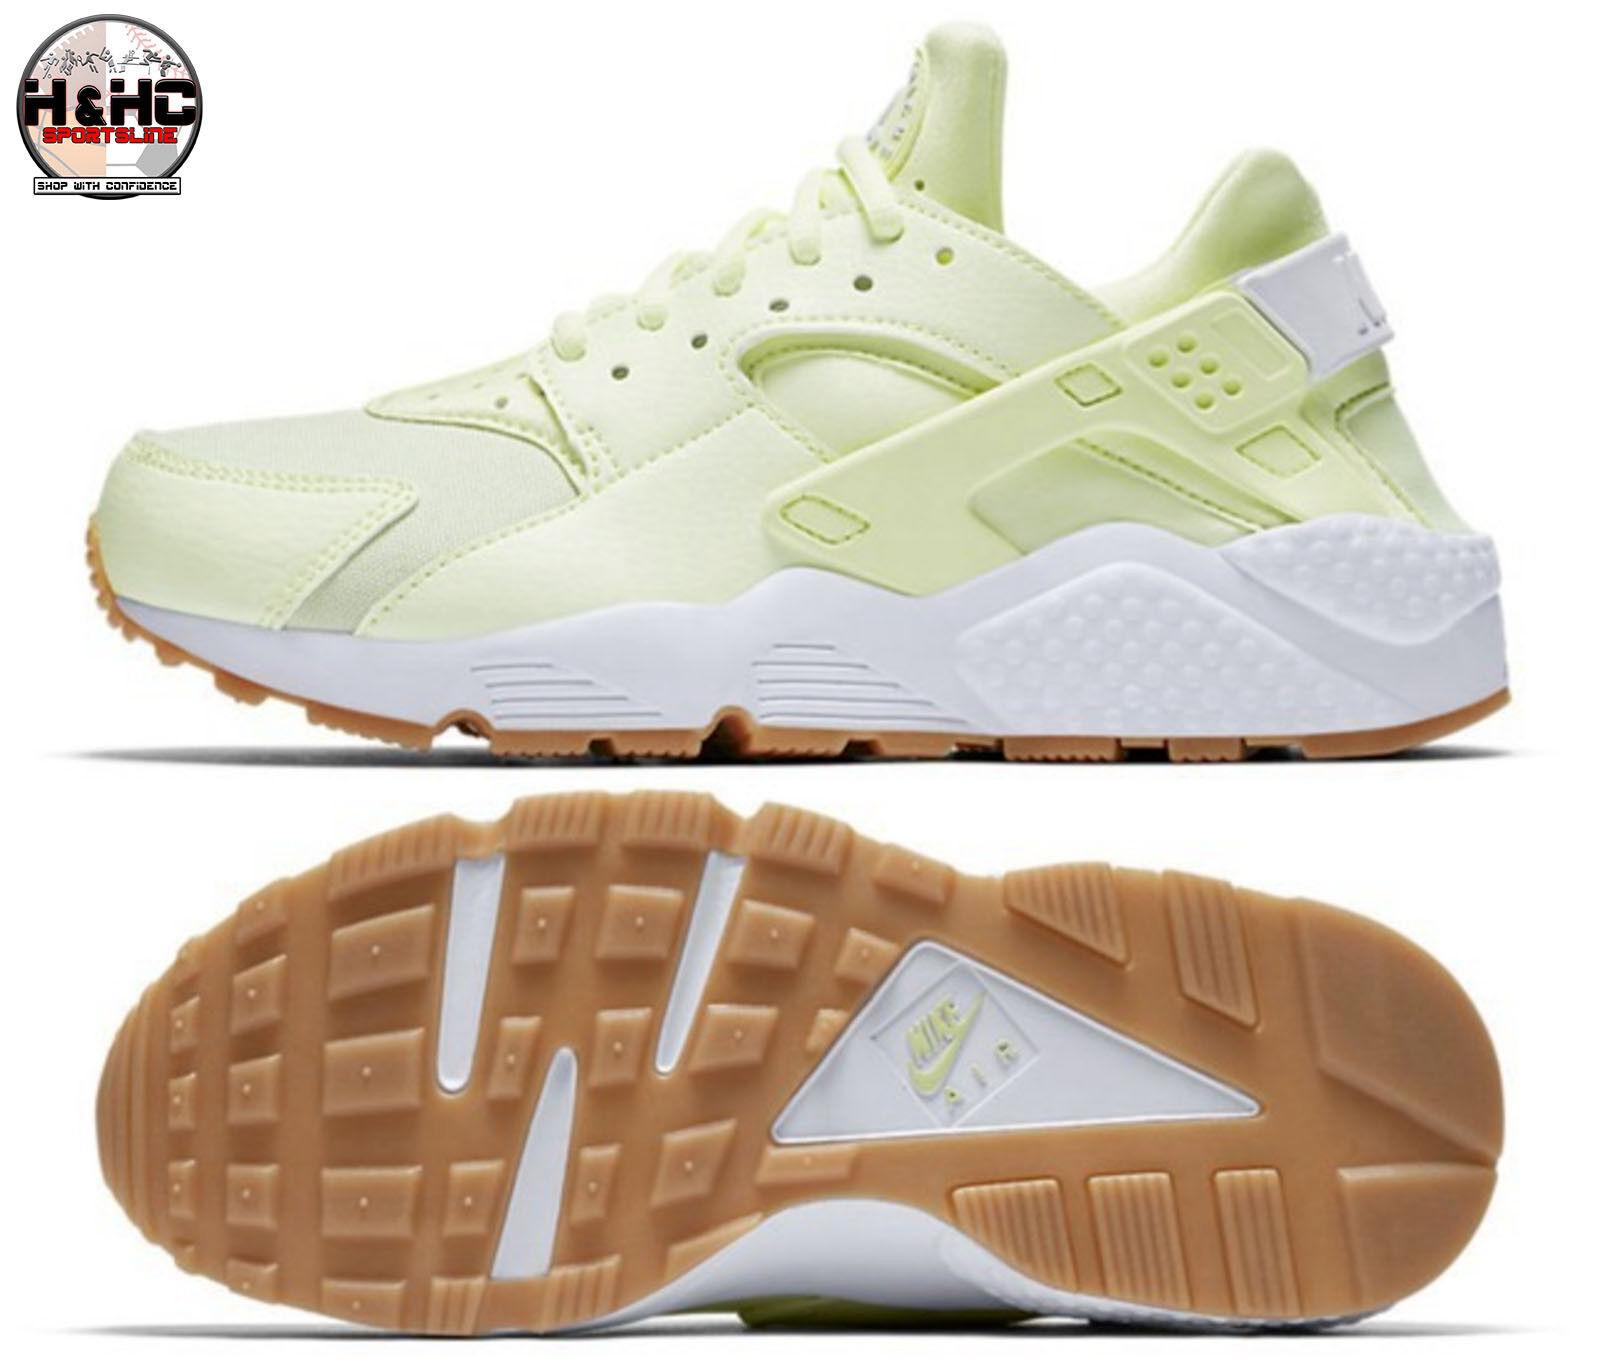 Nike Air Huarache Run 634835 702 Barely Volt White-Gum Yellow Women's shoes